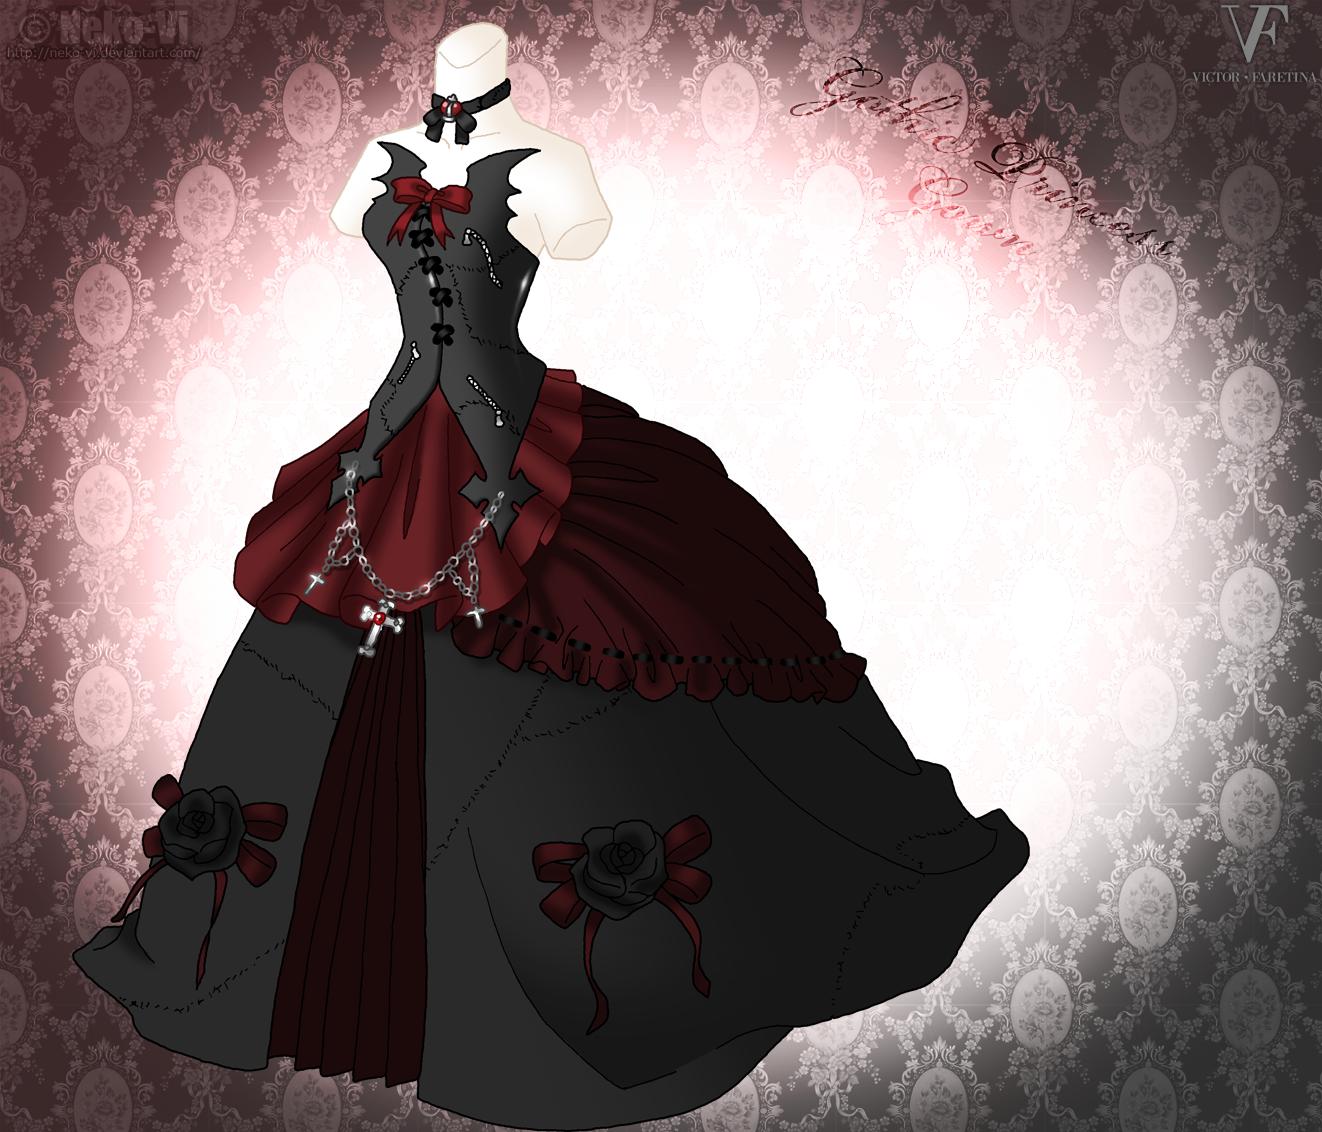 gothic princess gown by nekovi on deviantart